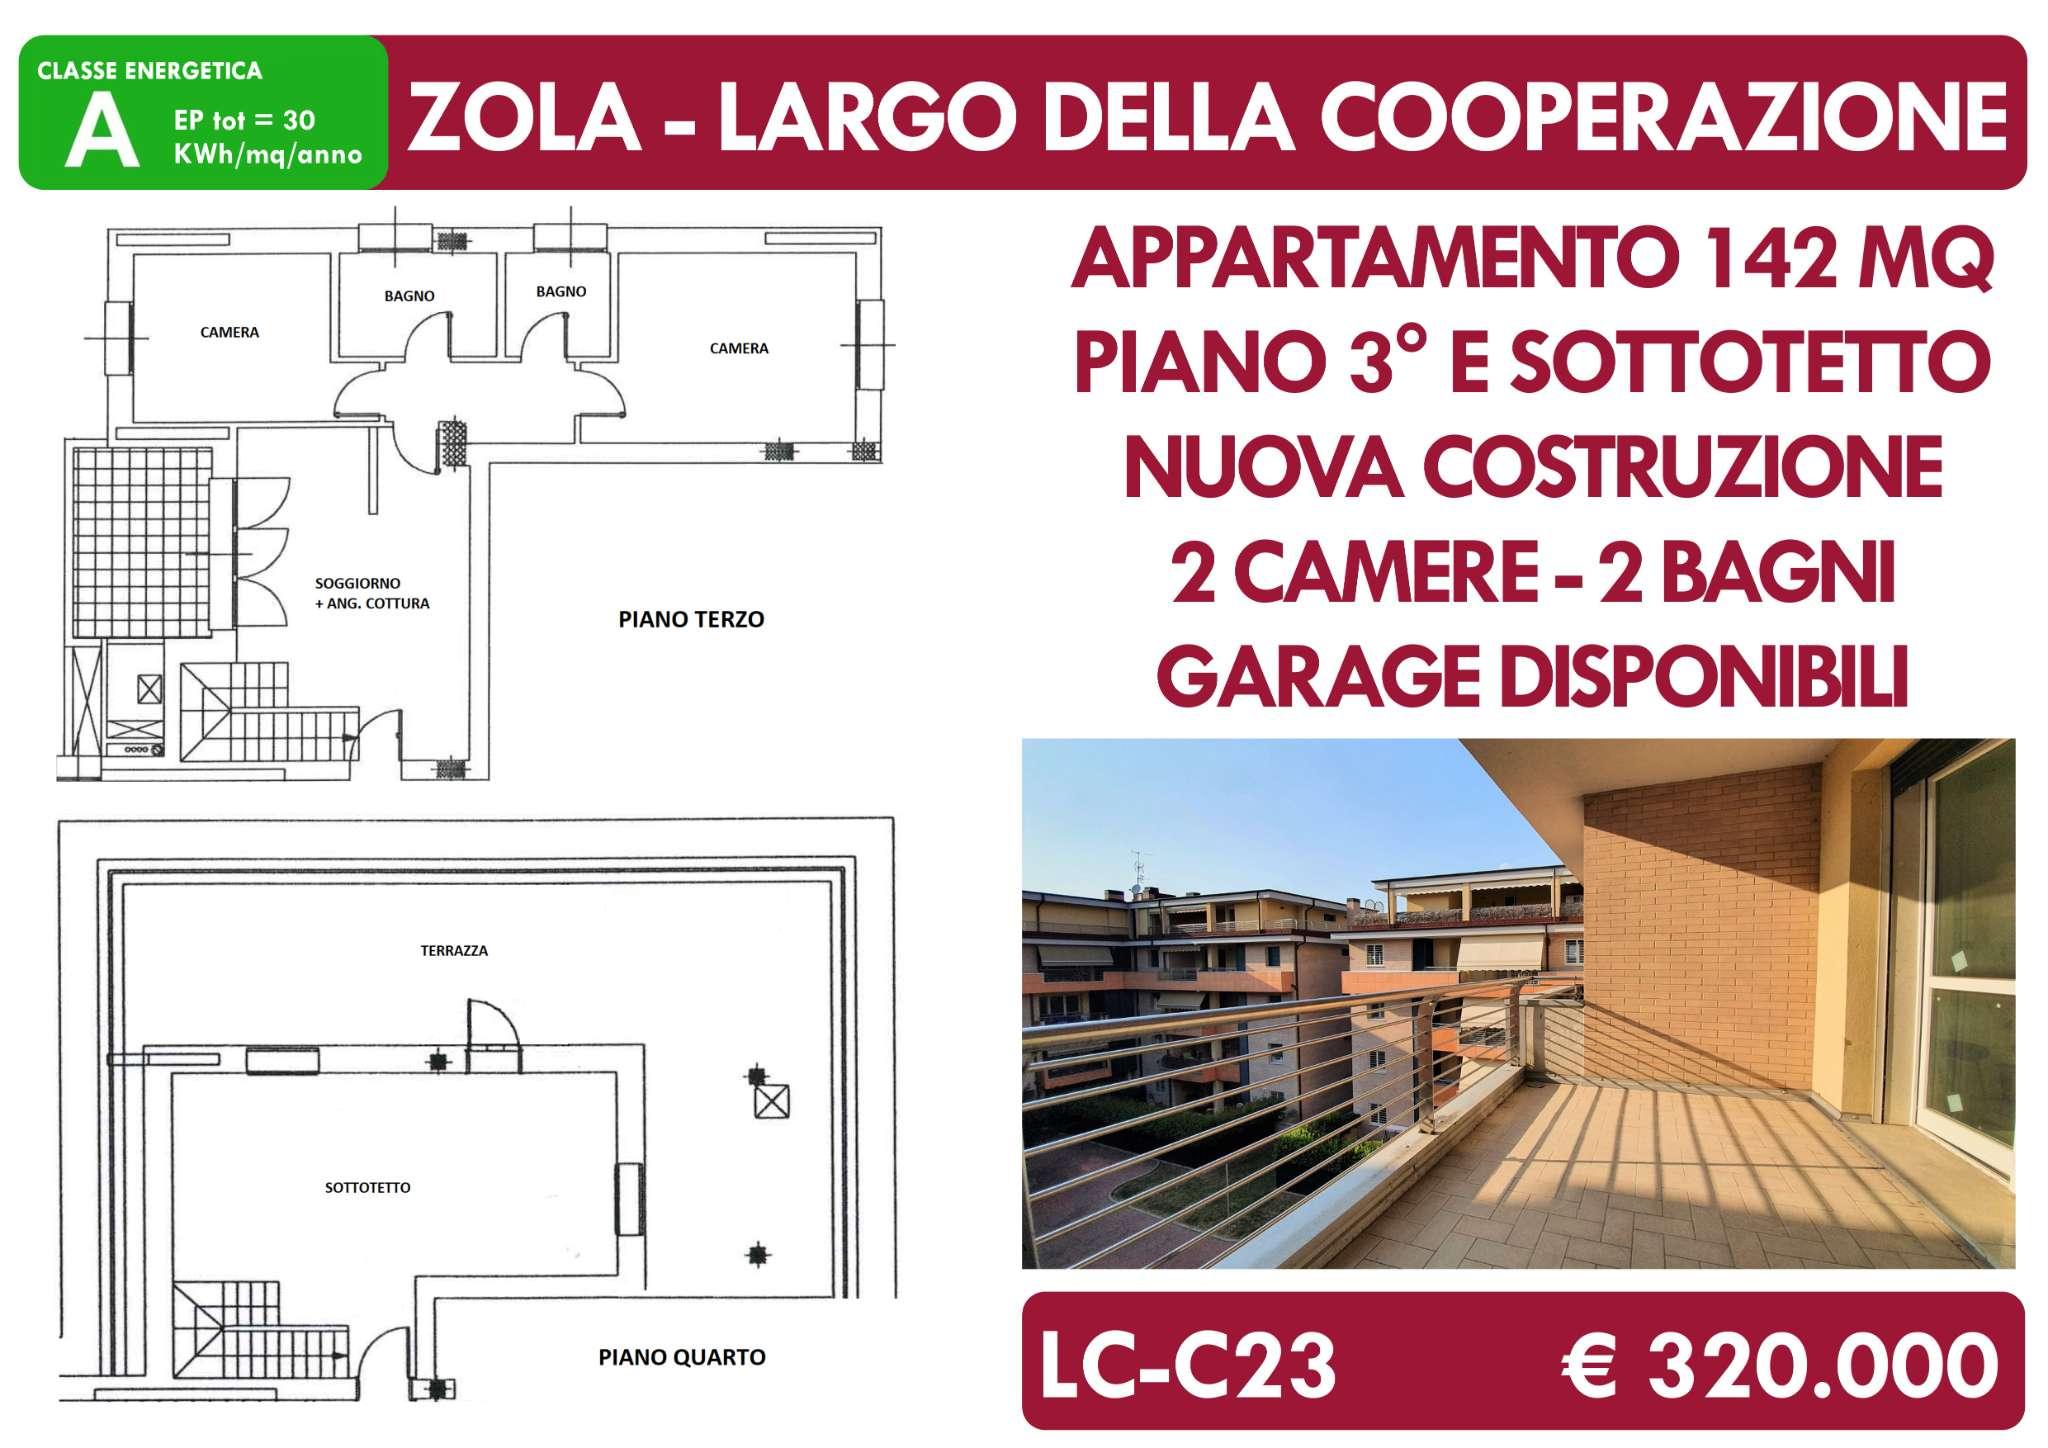 Appartamento in vendita a Zola Predosa, 3 locali, prezzo € 320.000 | PortaleAgenzieImmobiliari.it